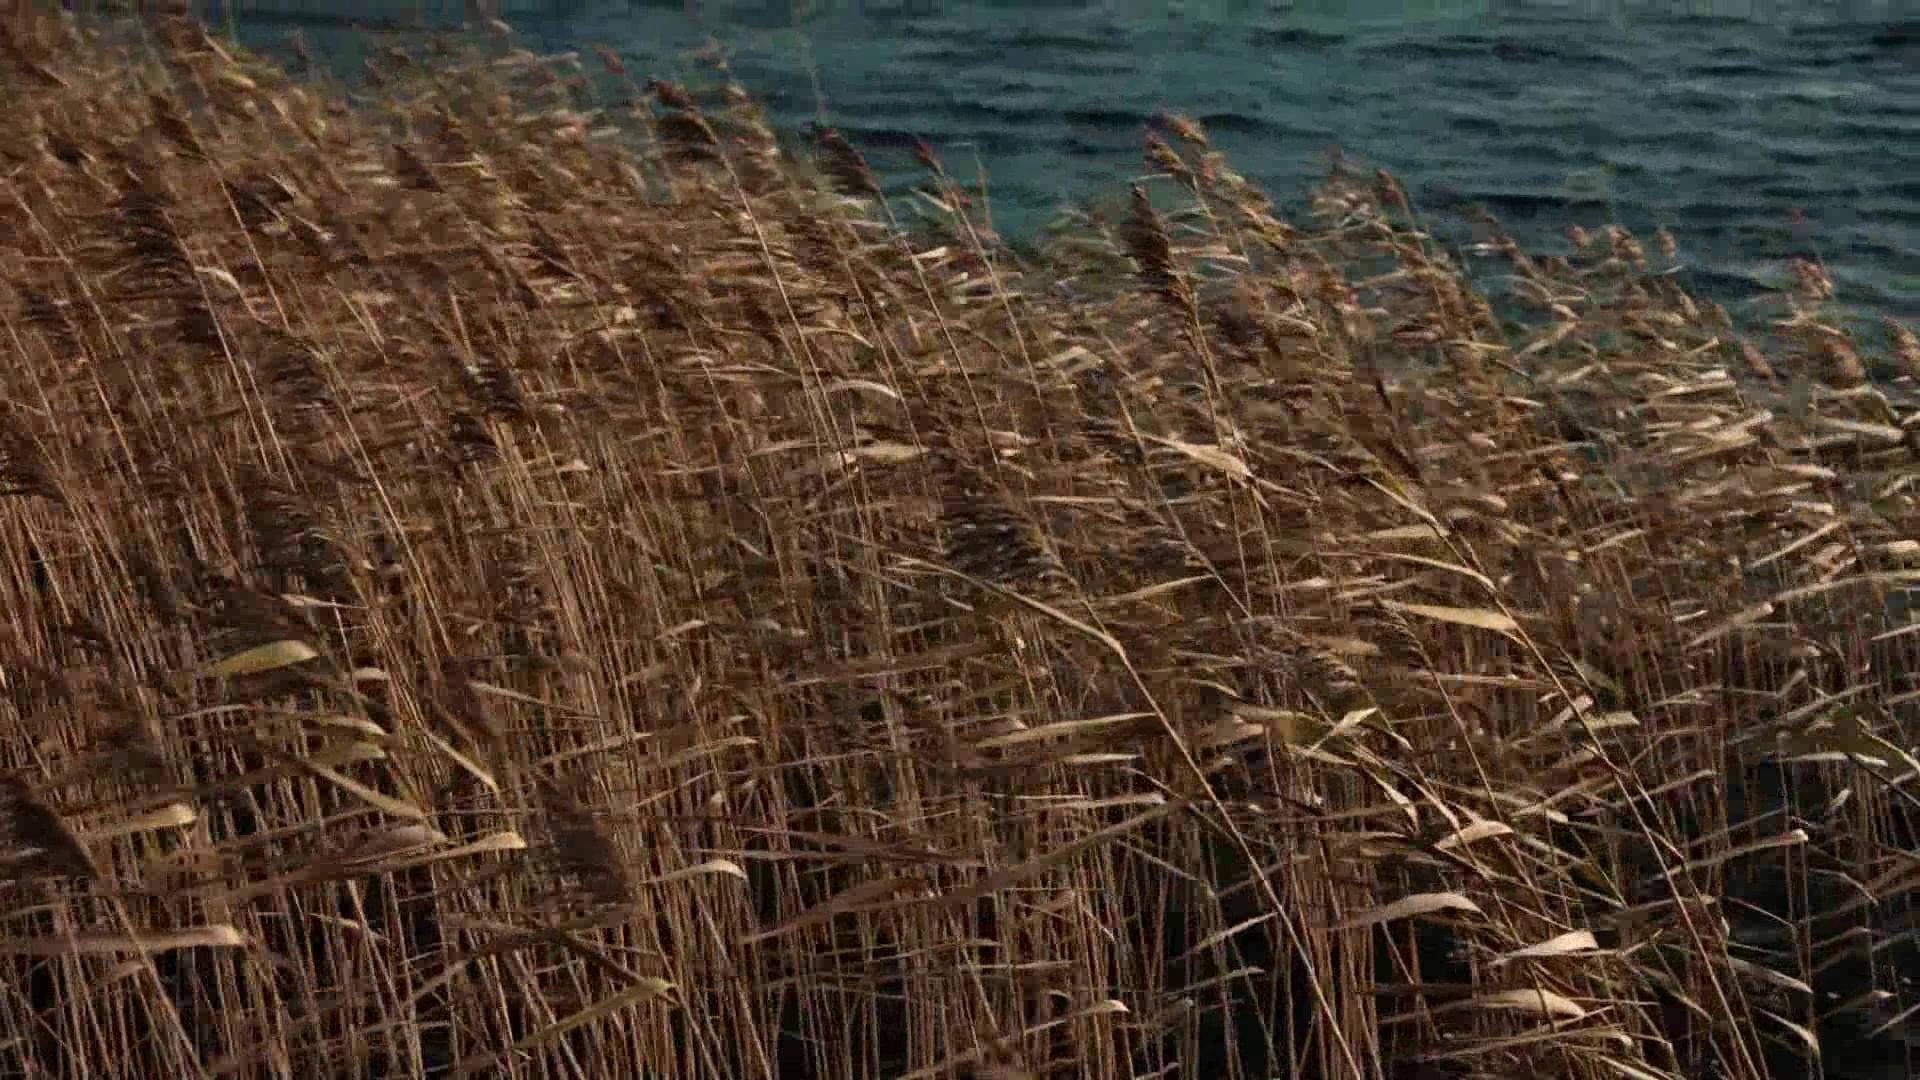 黄昏 河边的芦苇